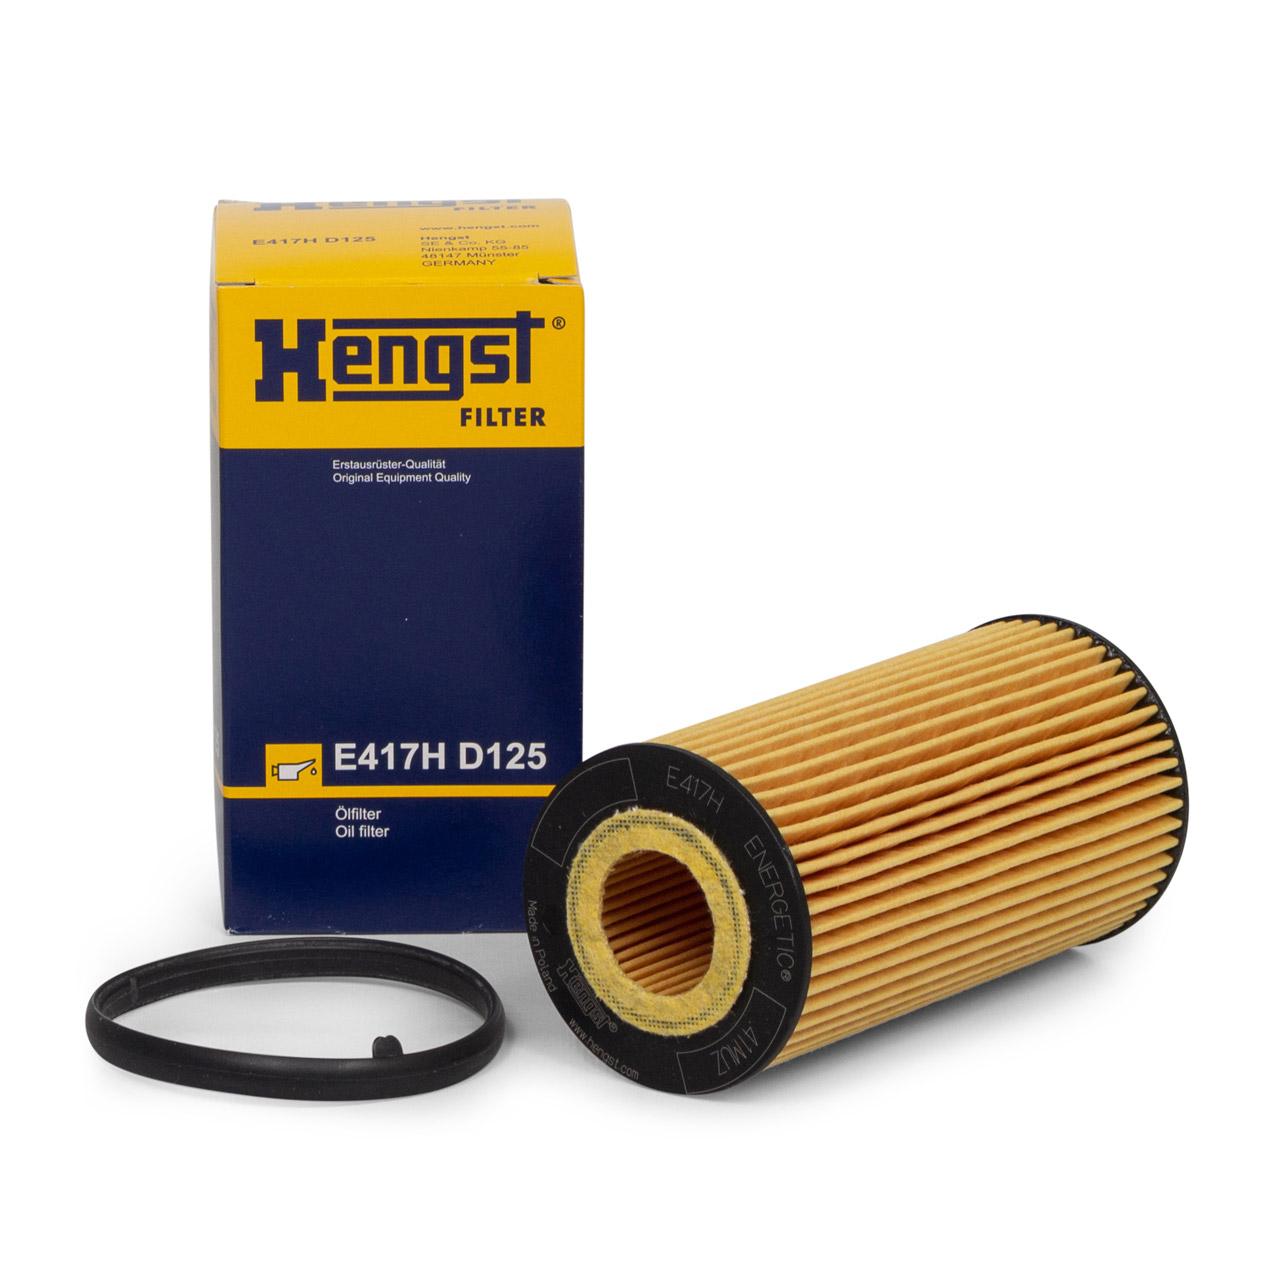 HENGST E417HD125 Ölfilter für VOLVO C30 C70 S40 S60 S80 V40 V50 V60 V70 D3 D4 D5